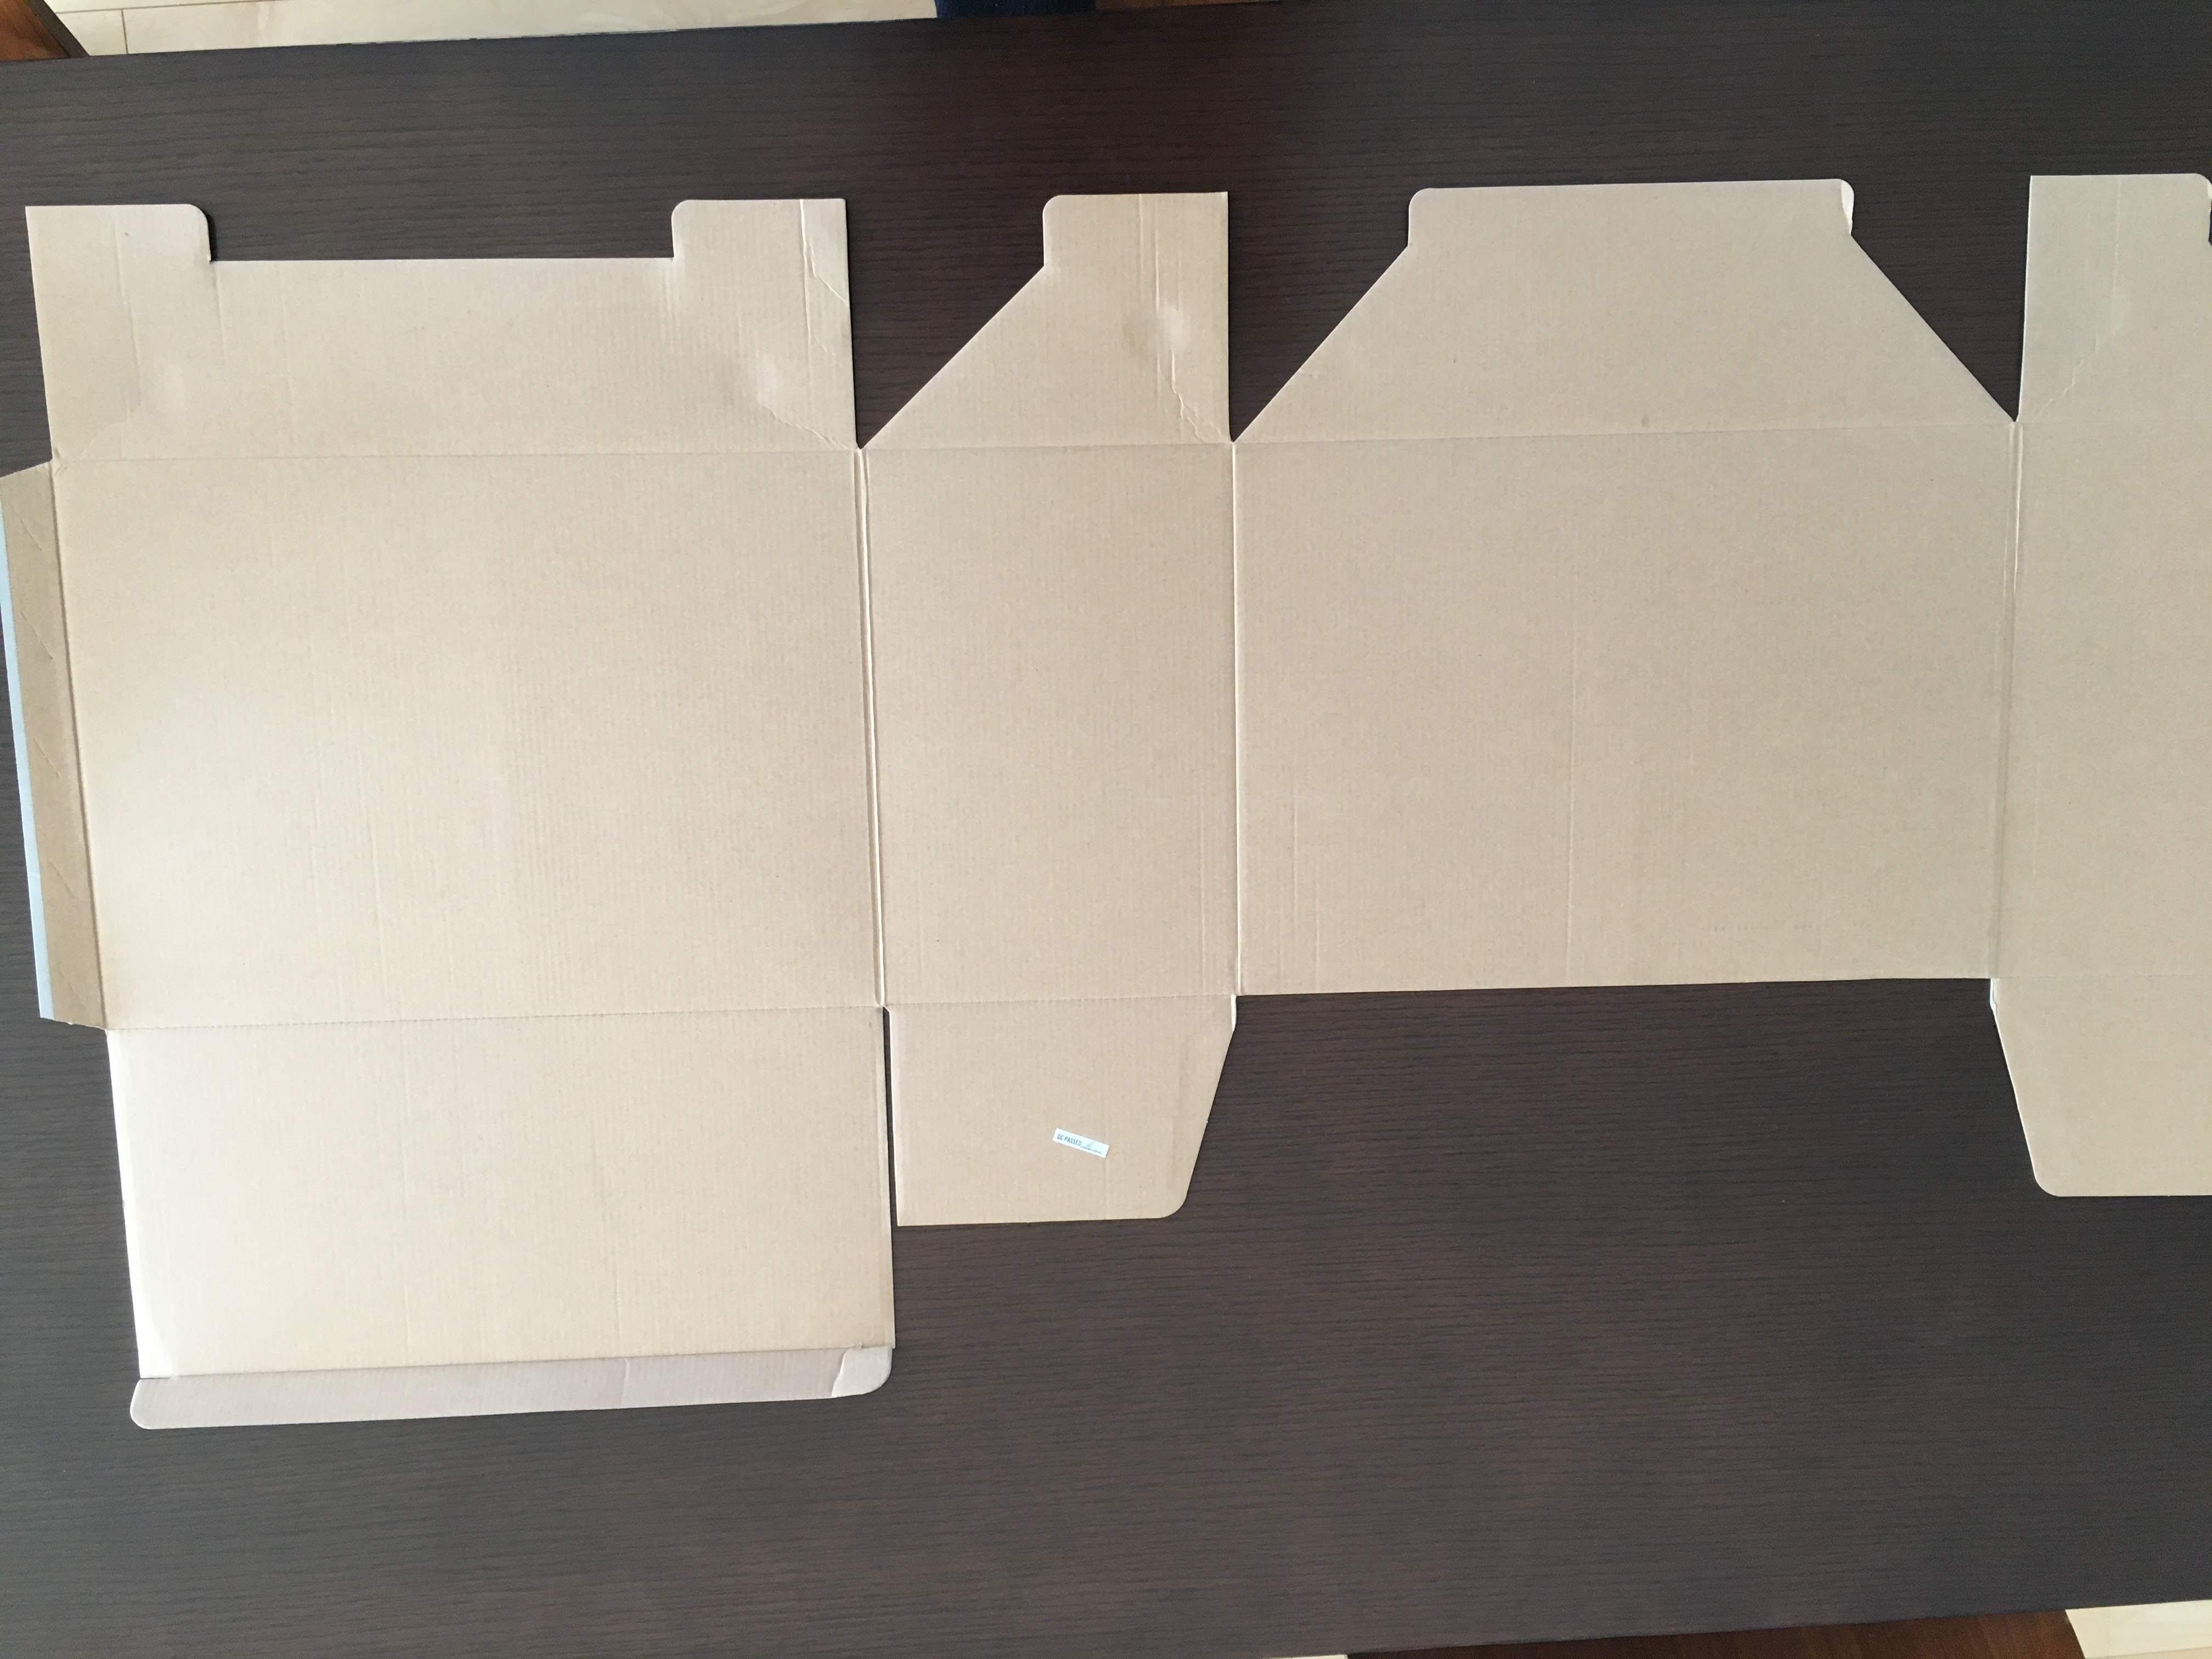 ポスターの梱包方法12